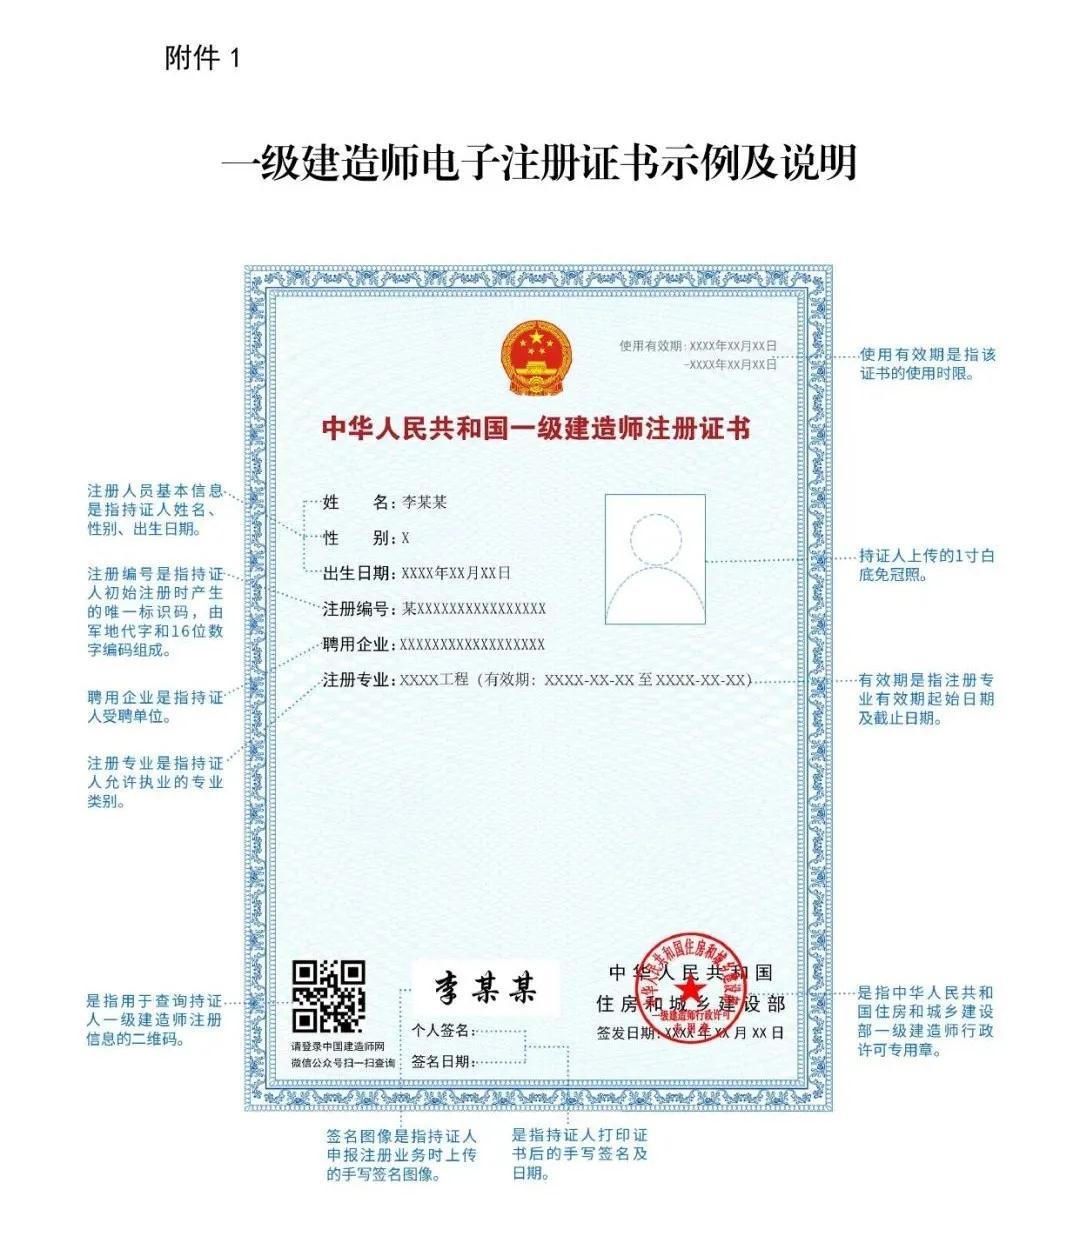 全国启用一级建造师电子注册证书!纸质证书将作废!